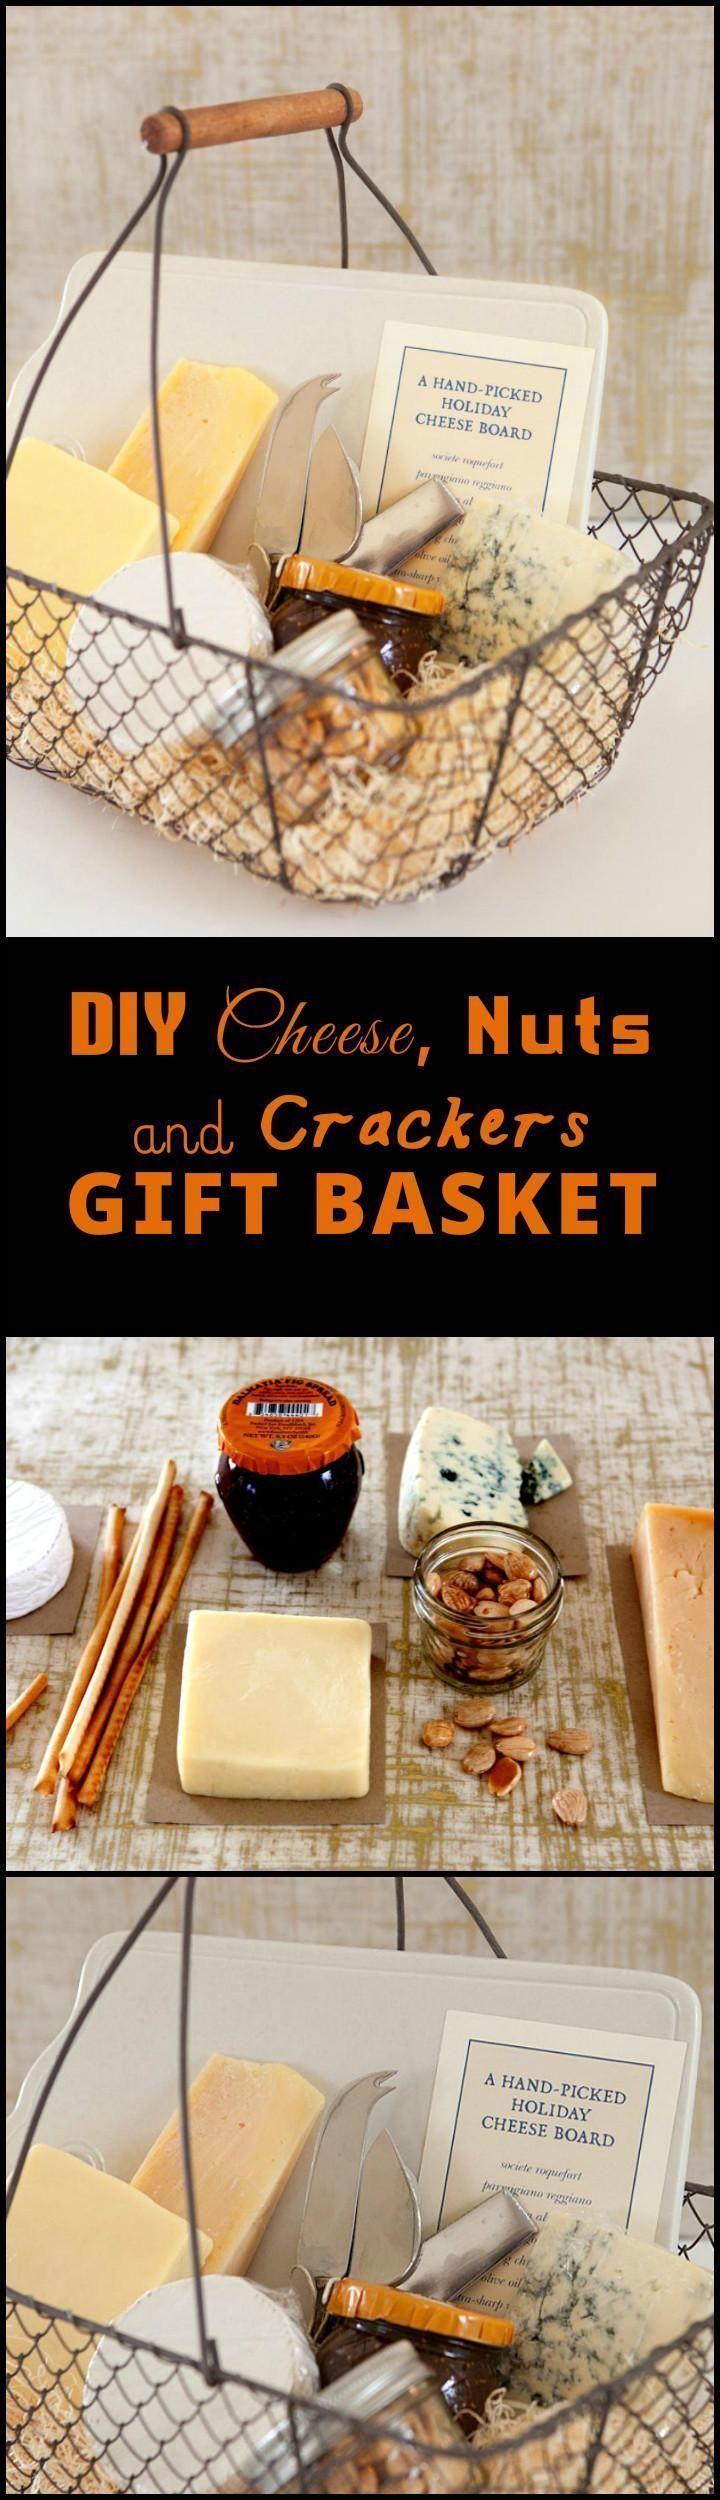 29+ 70+ # #Price # #DIY # #Gift # # Basket # #Ideas # # # - # #DIY # -  29+ 70+ ...